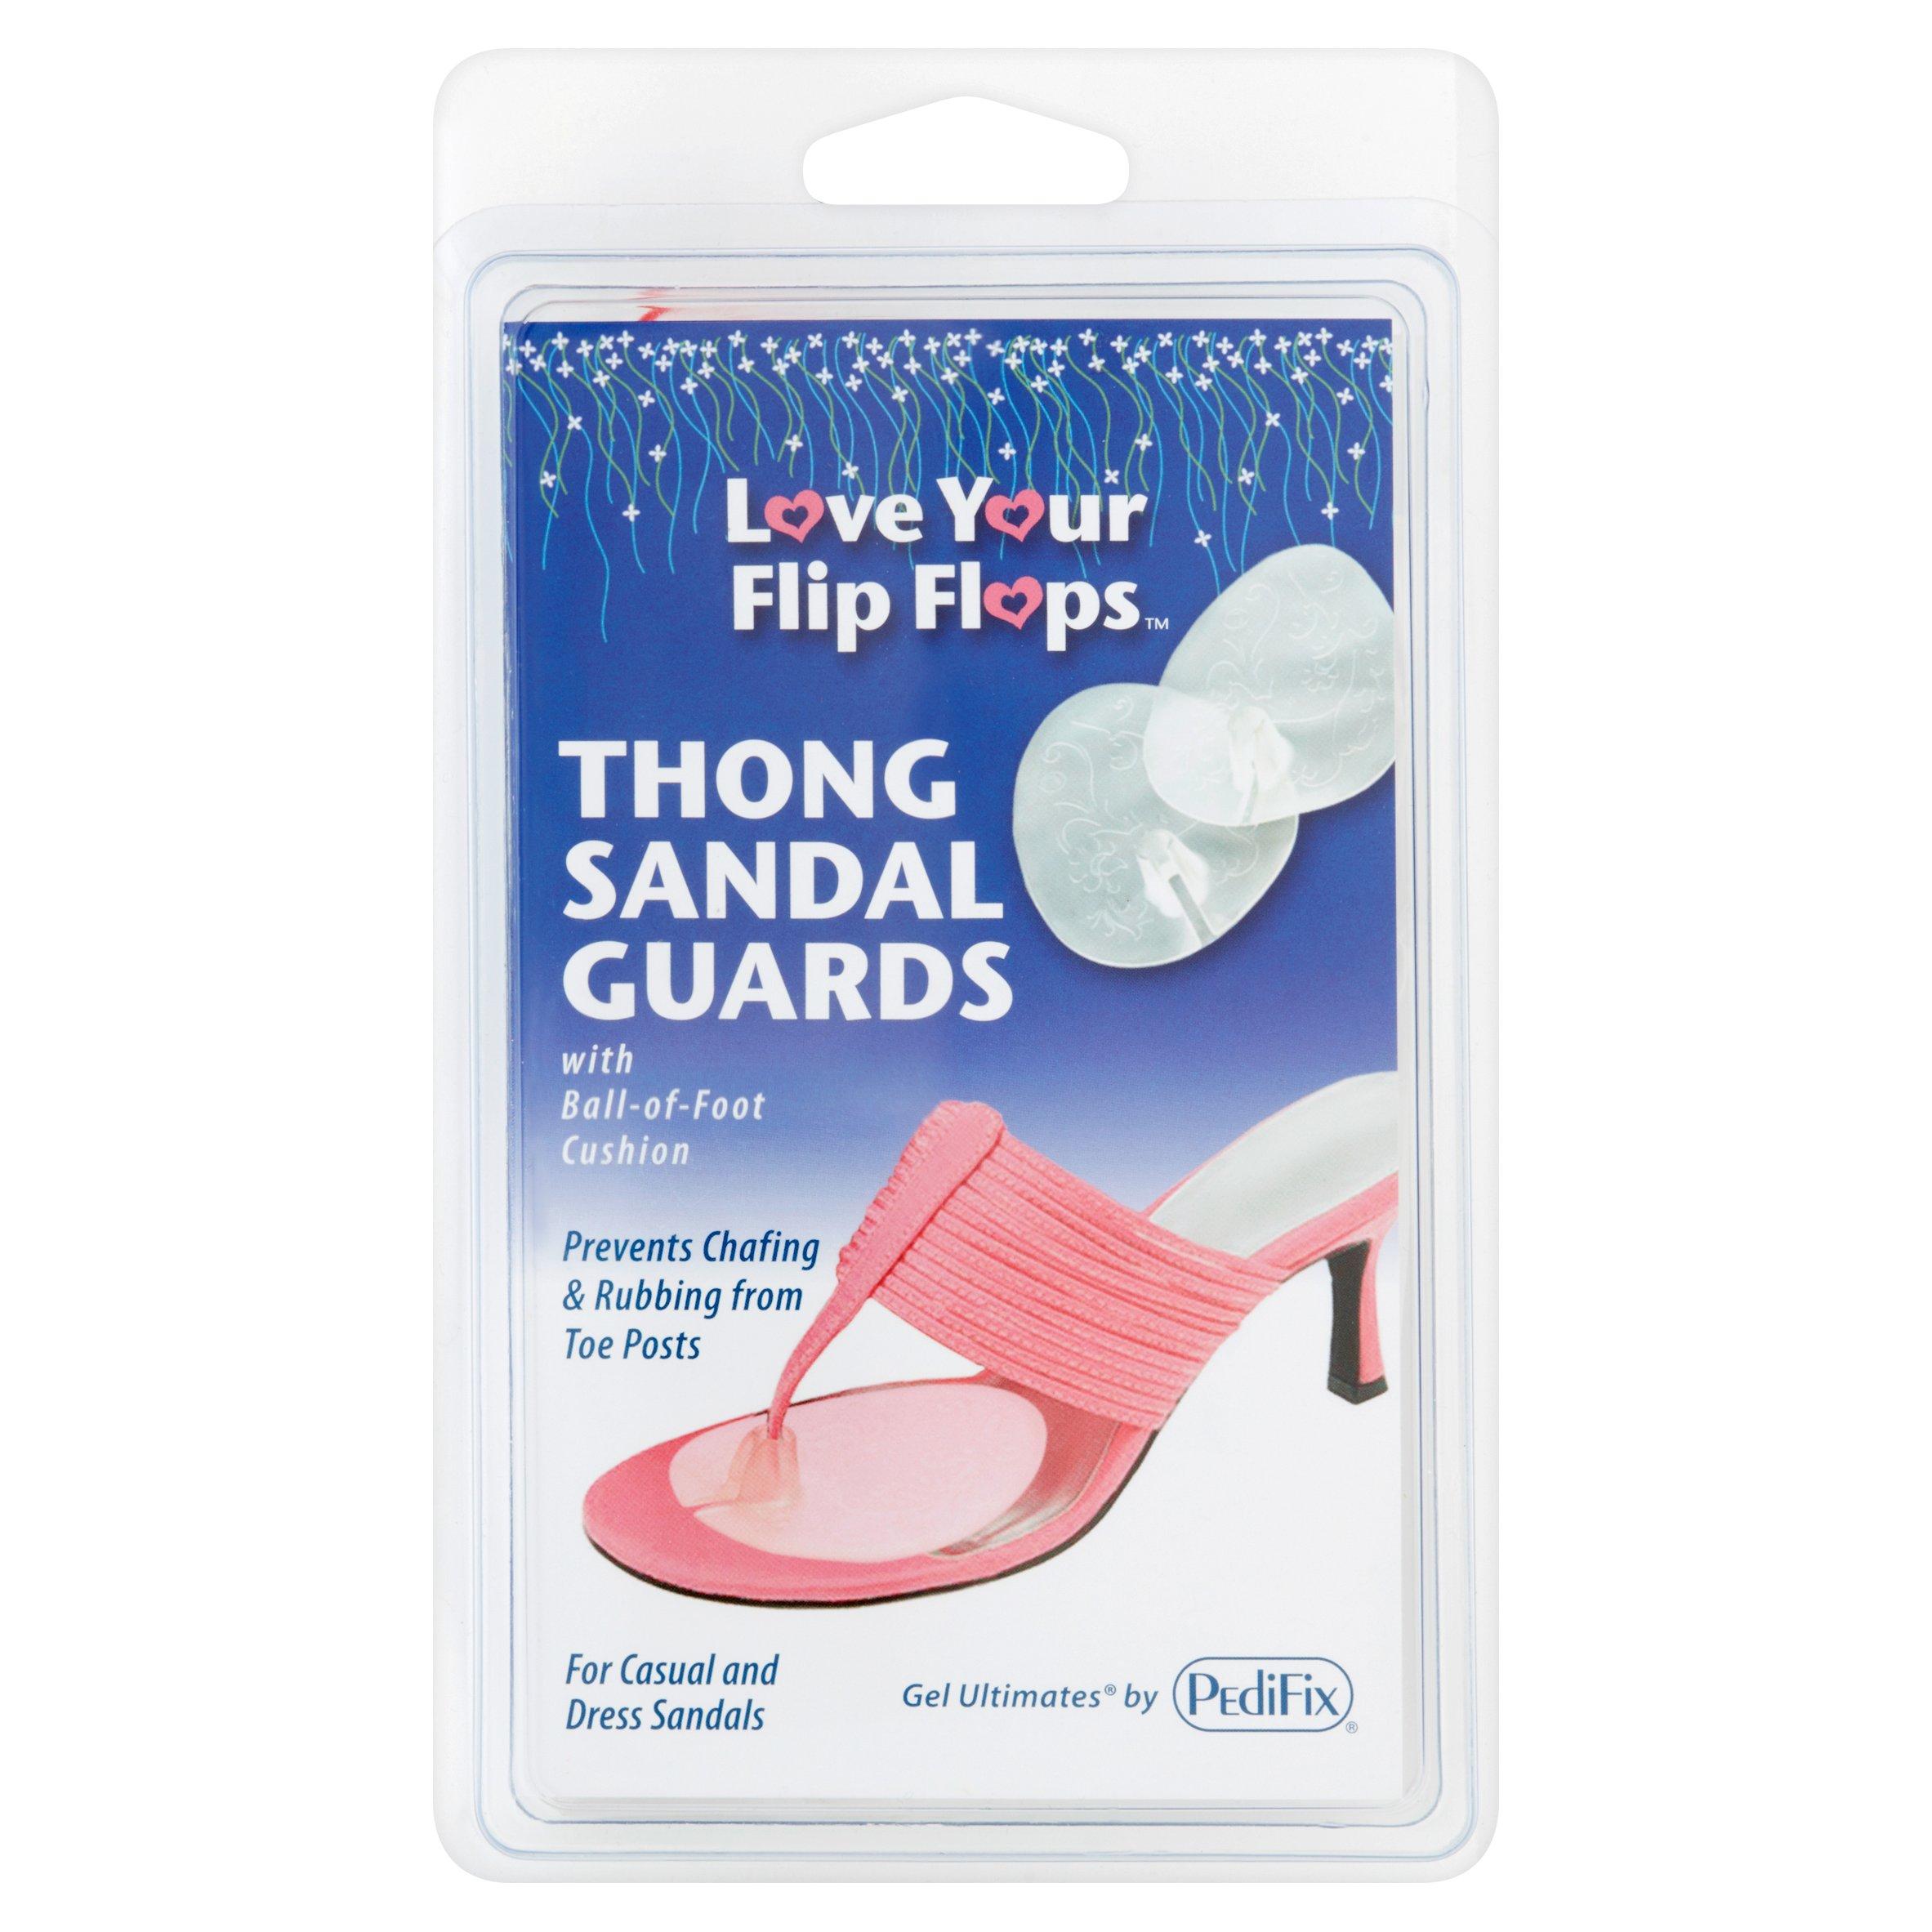 PediFix Love Your Flip Flops Thong Sandal Guards